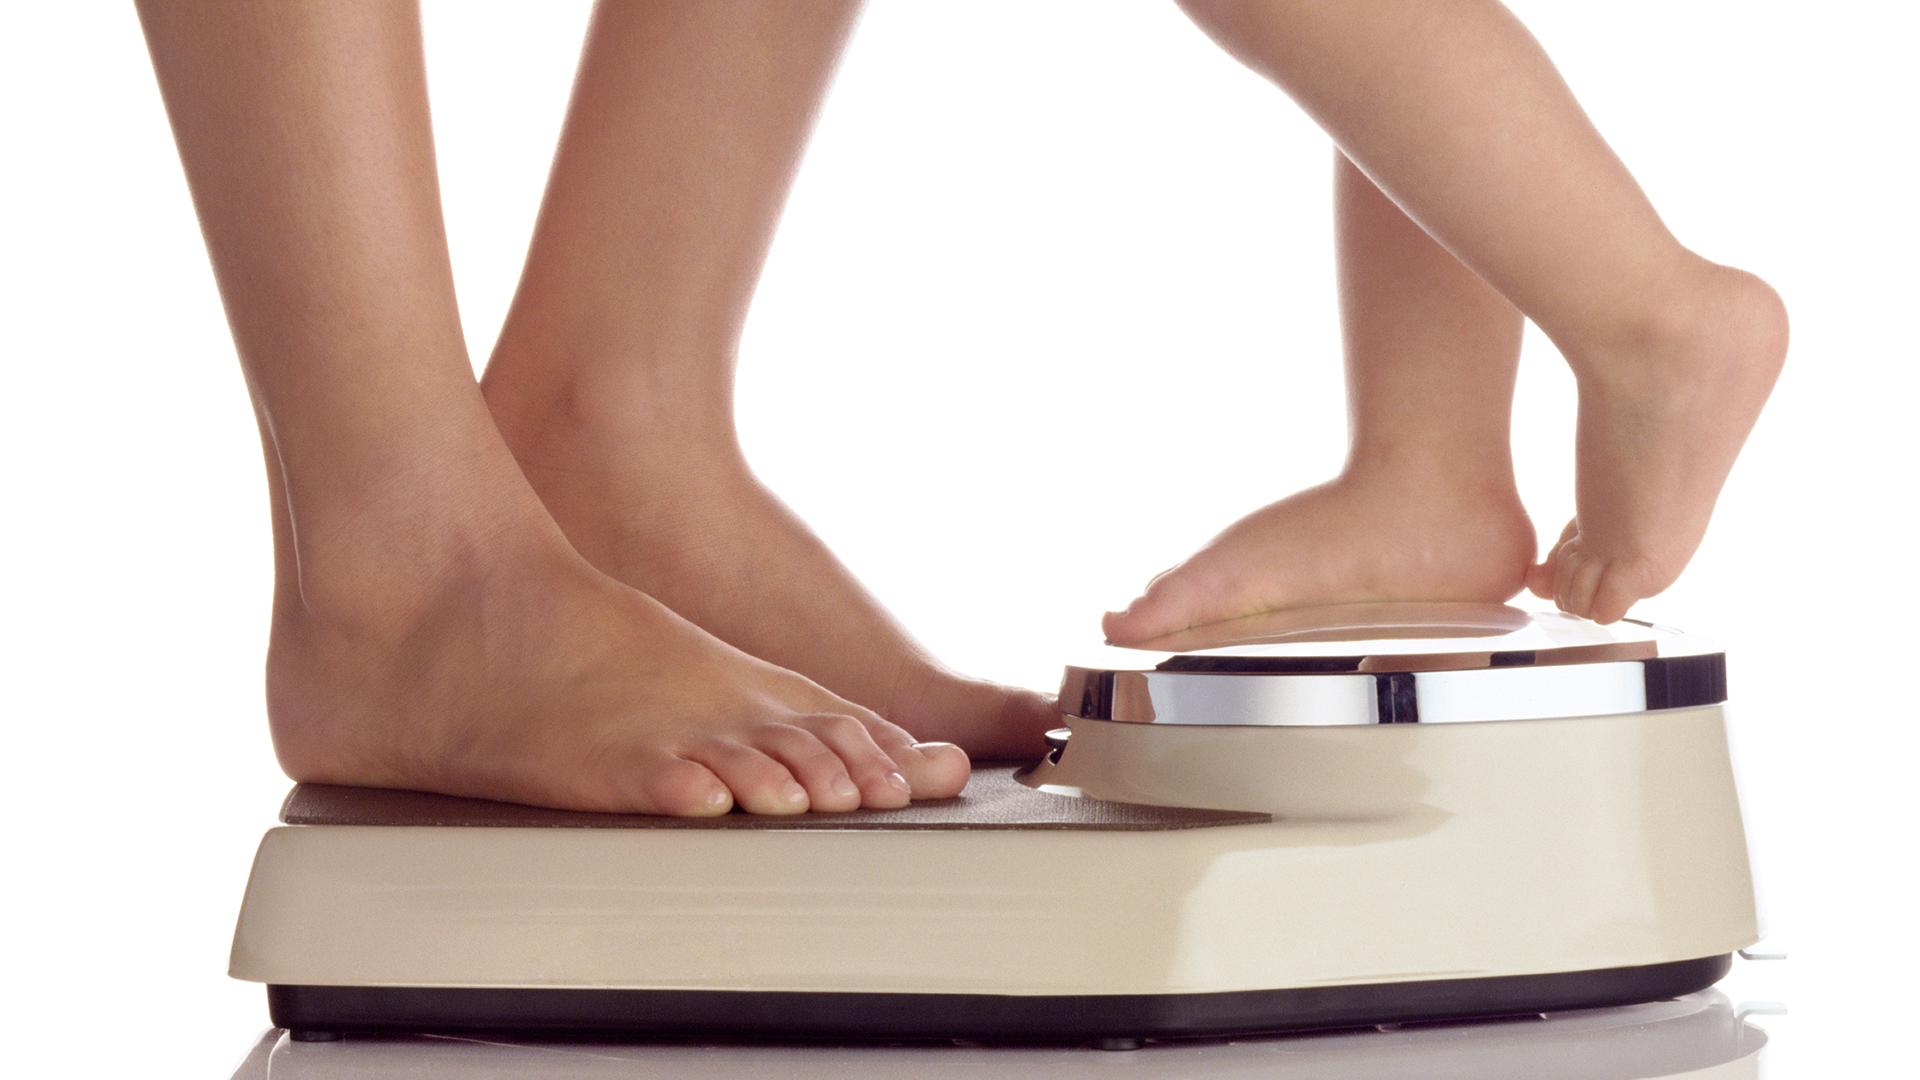 Способы избавления от лишнего веса после родов